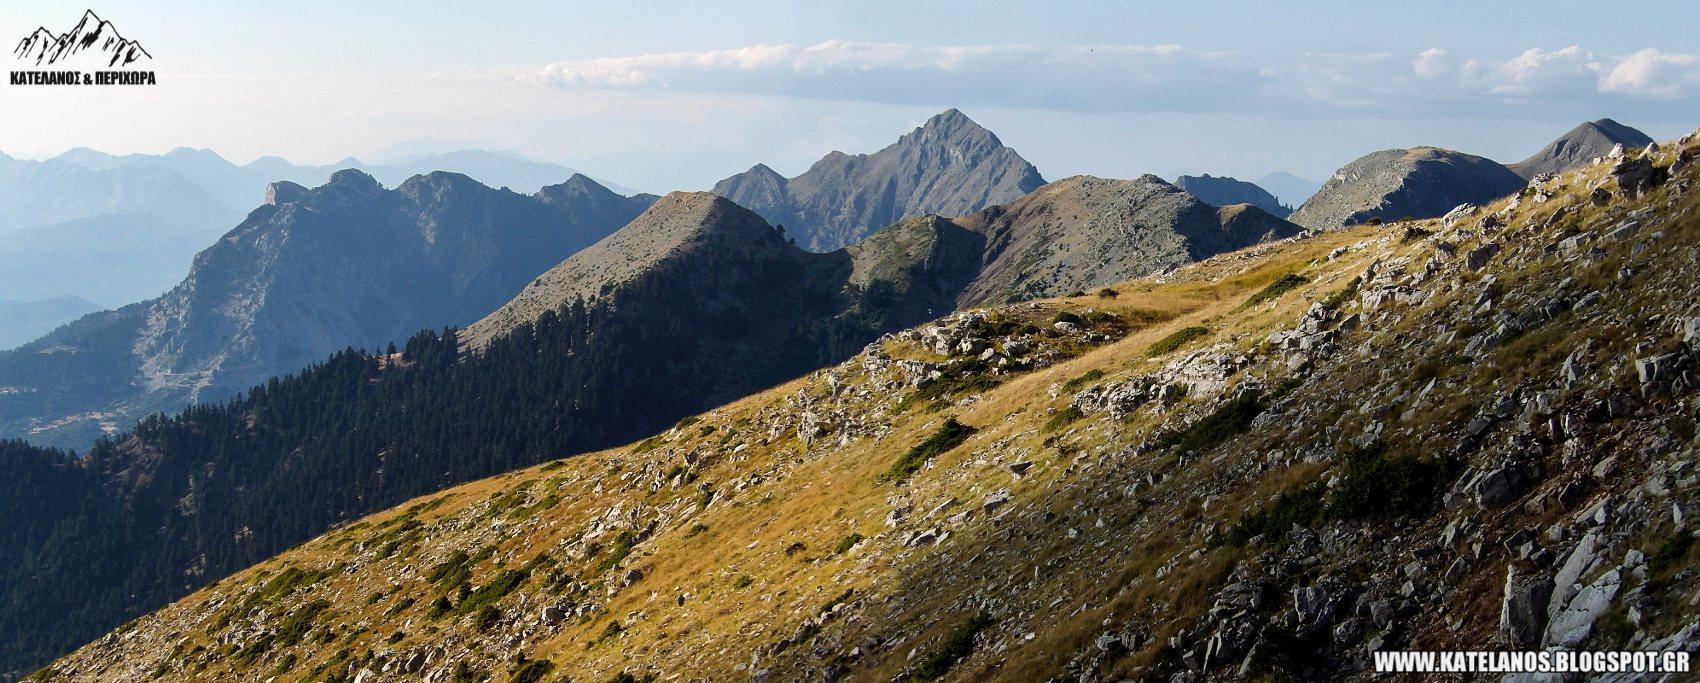 αναβαση στο παναιτωλικο ορος αρεντα βουνα αιτωλοακαρνανια